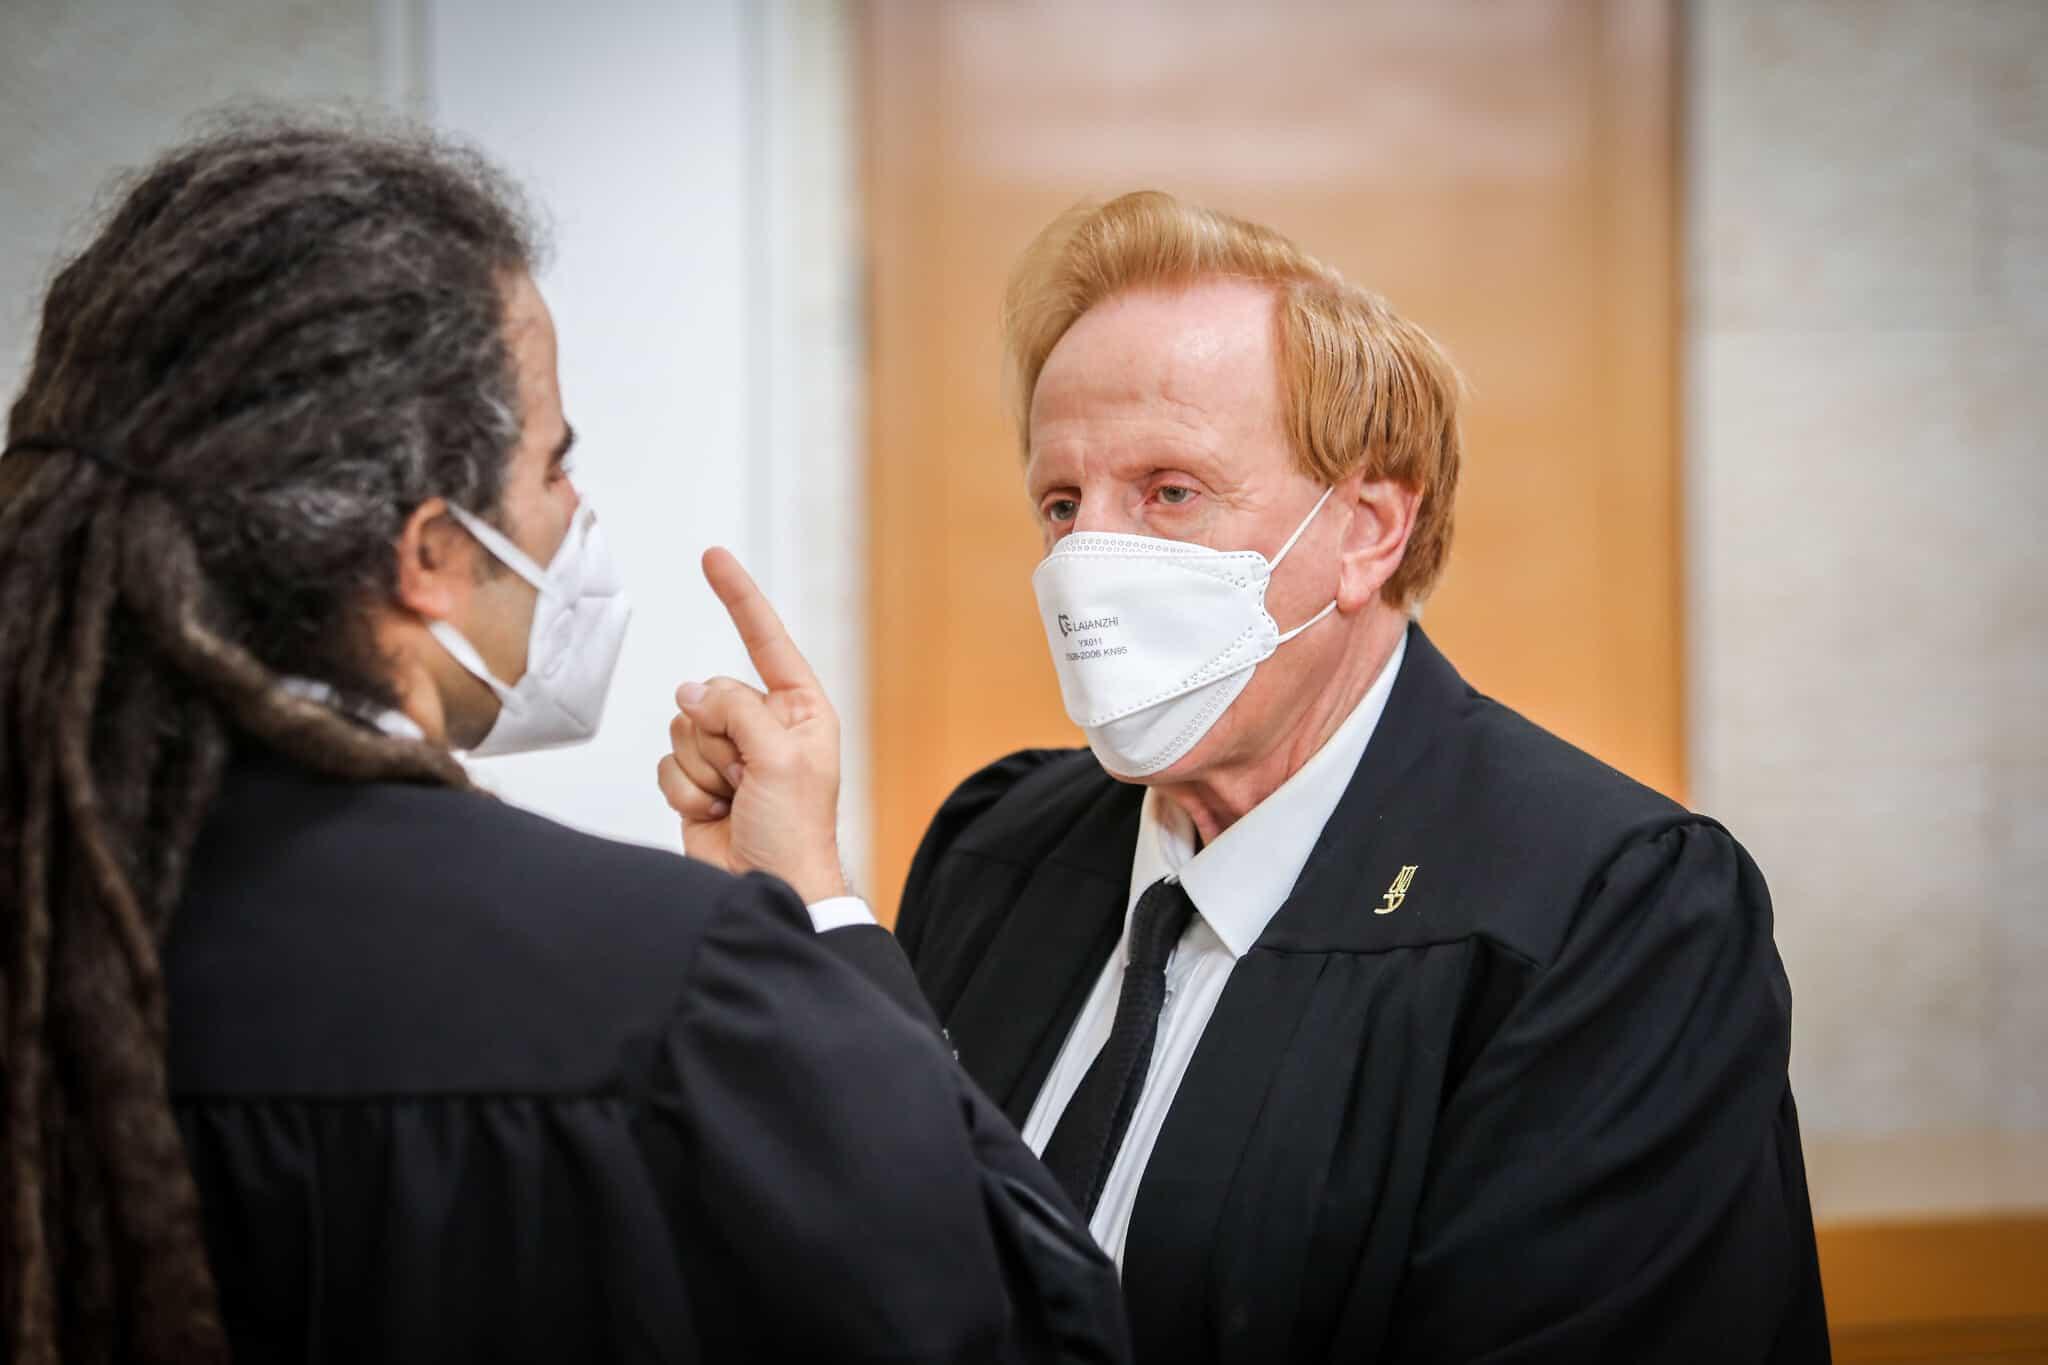 אליעד שרגא ותומר נאור מהתנועה לאיכות השלטון, בדיון בבית המשפט העליון (צילום: Oren Ben Hakoon/POOL)